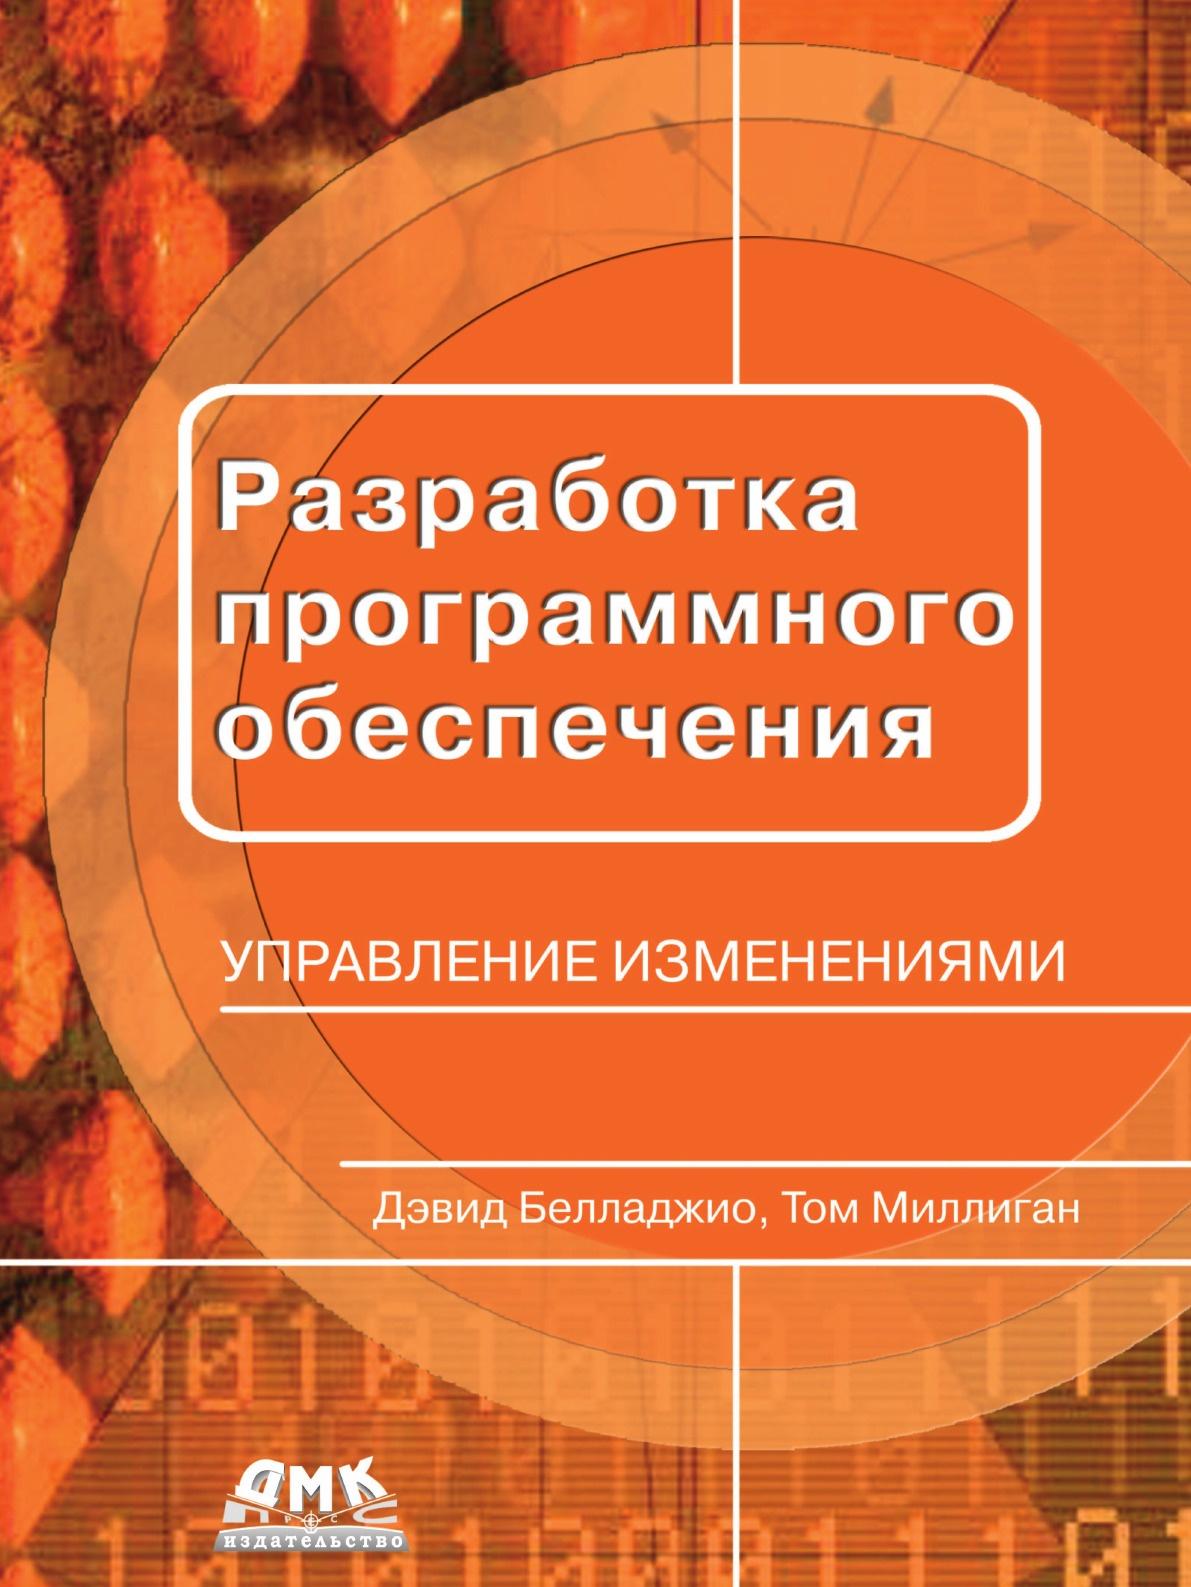 Д. Белладжио, Т. Миллиган Разработка программного обеспечения. Управление изменениями sinbo scm 2927 ivory